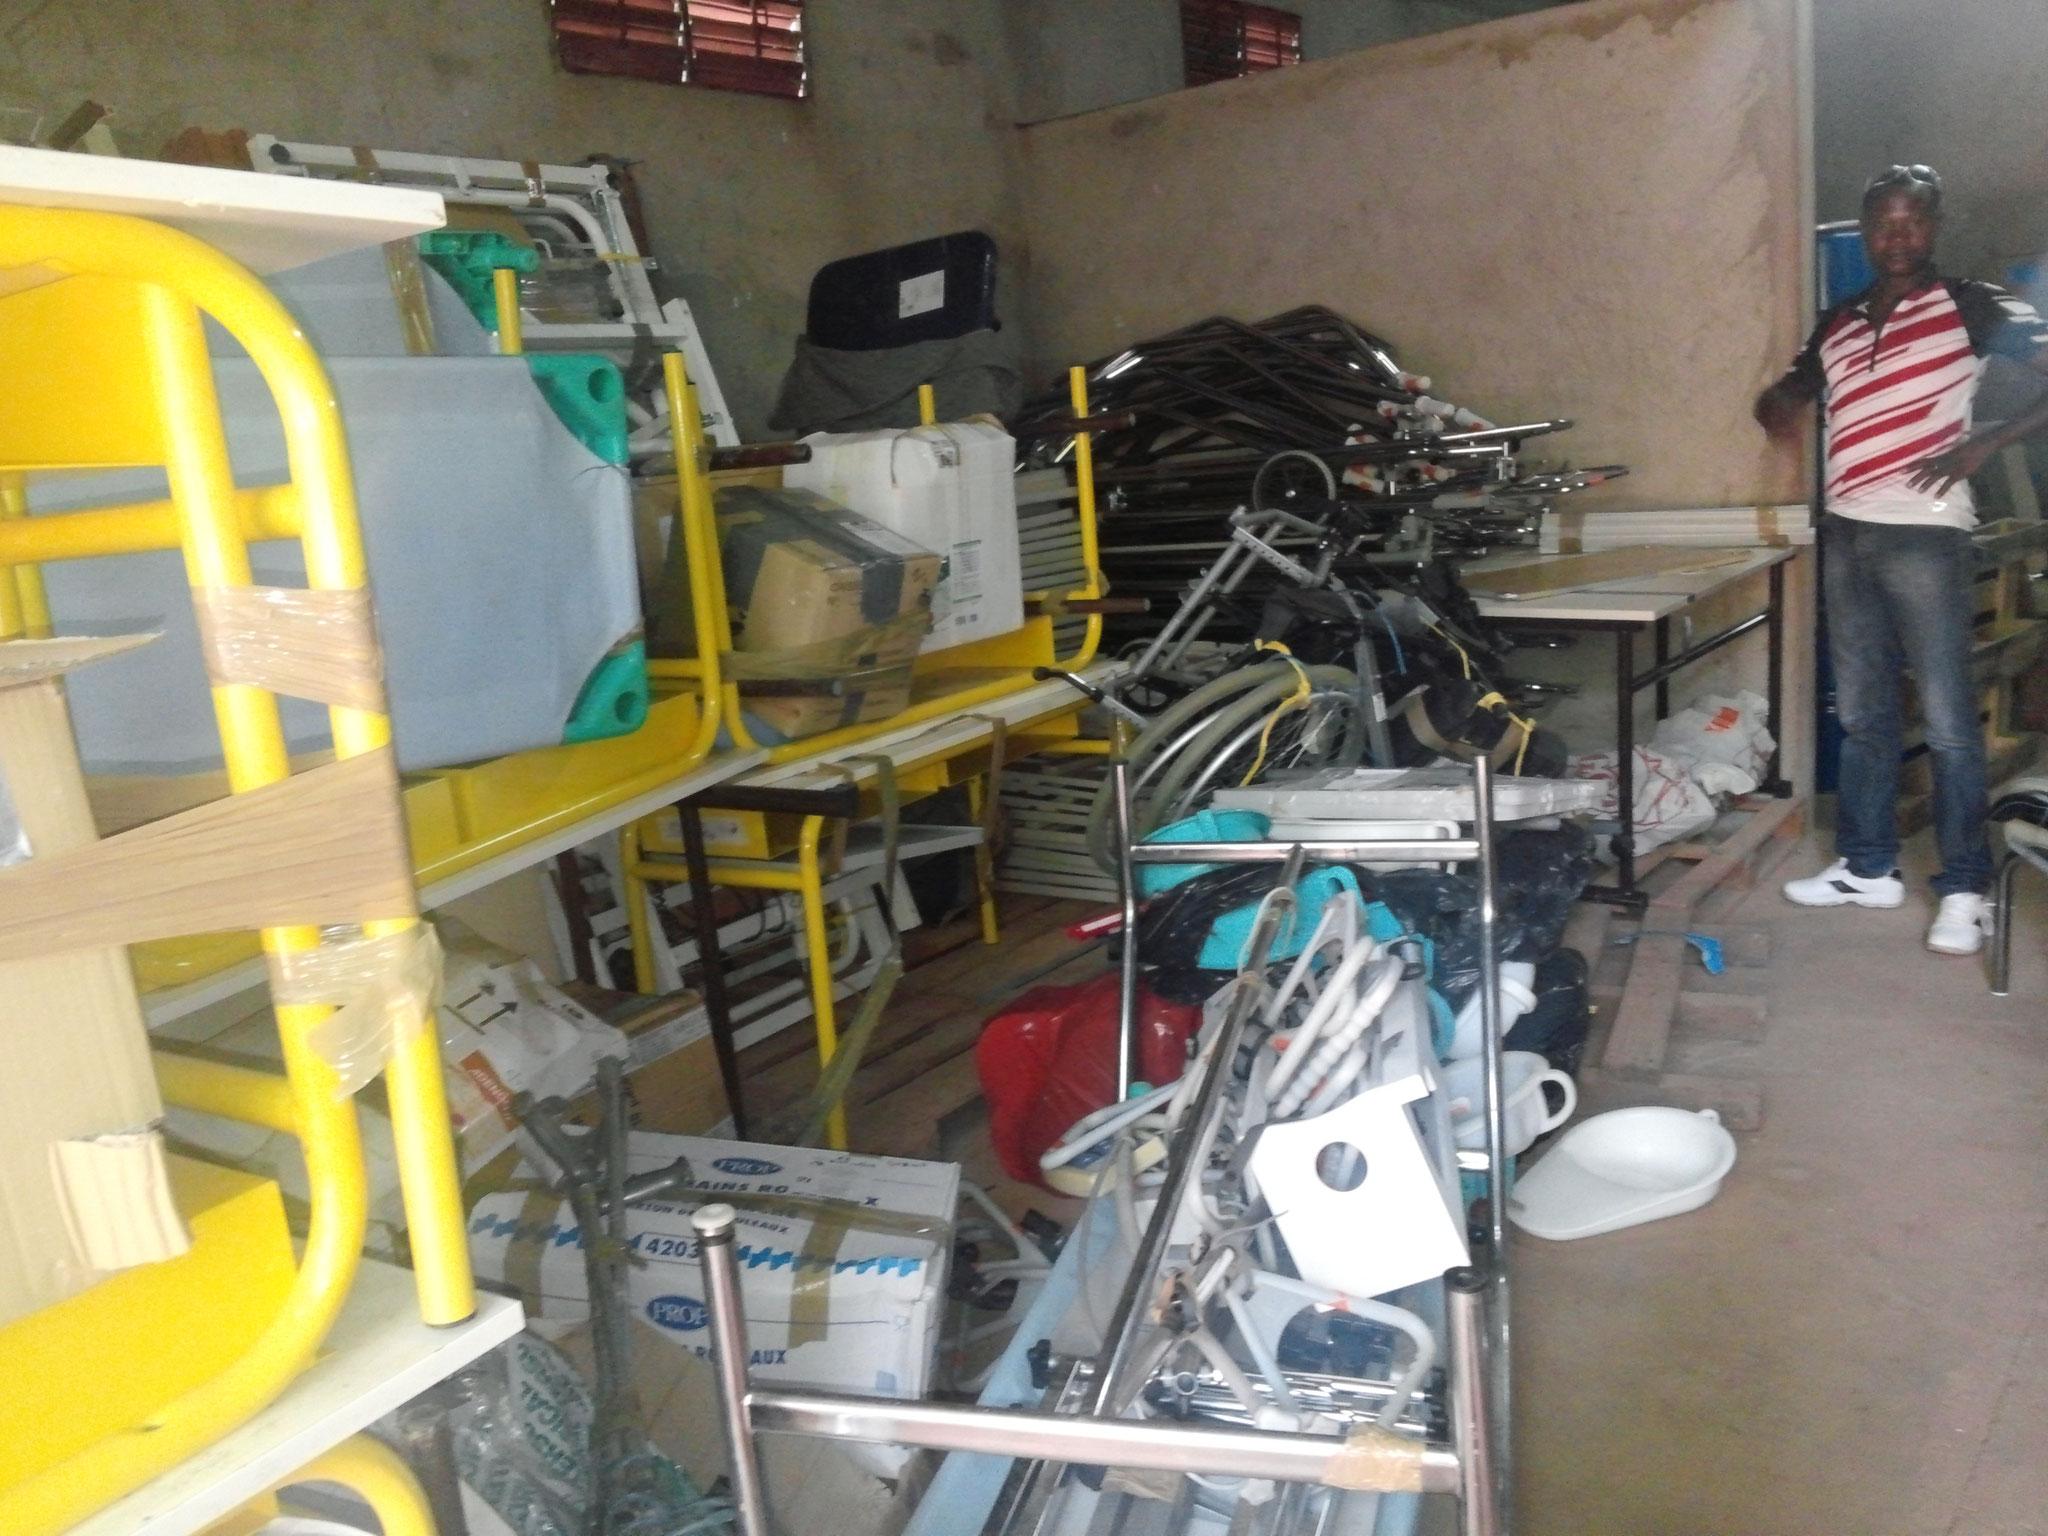 Le matériel dans l'entrepôt de l'OCADES avant distribution